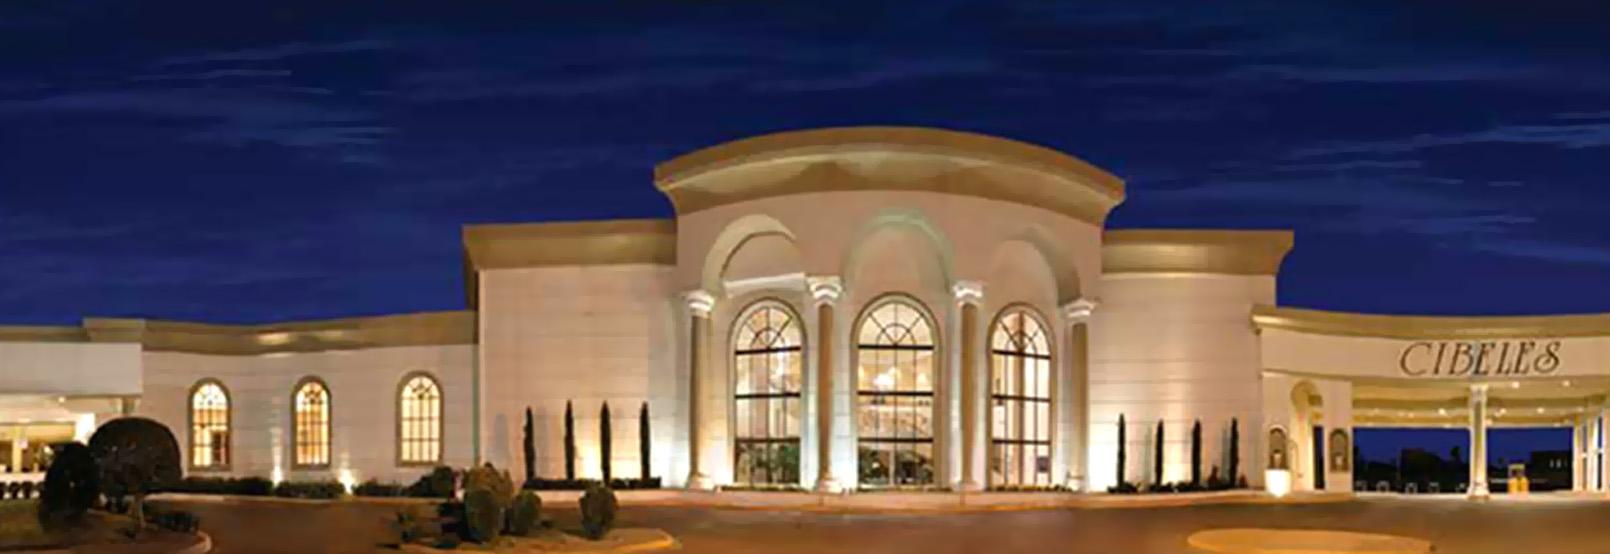 Cibeles Convention Center